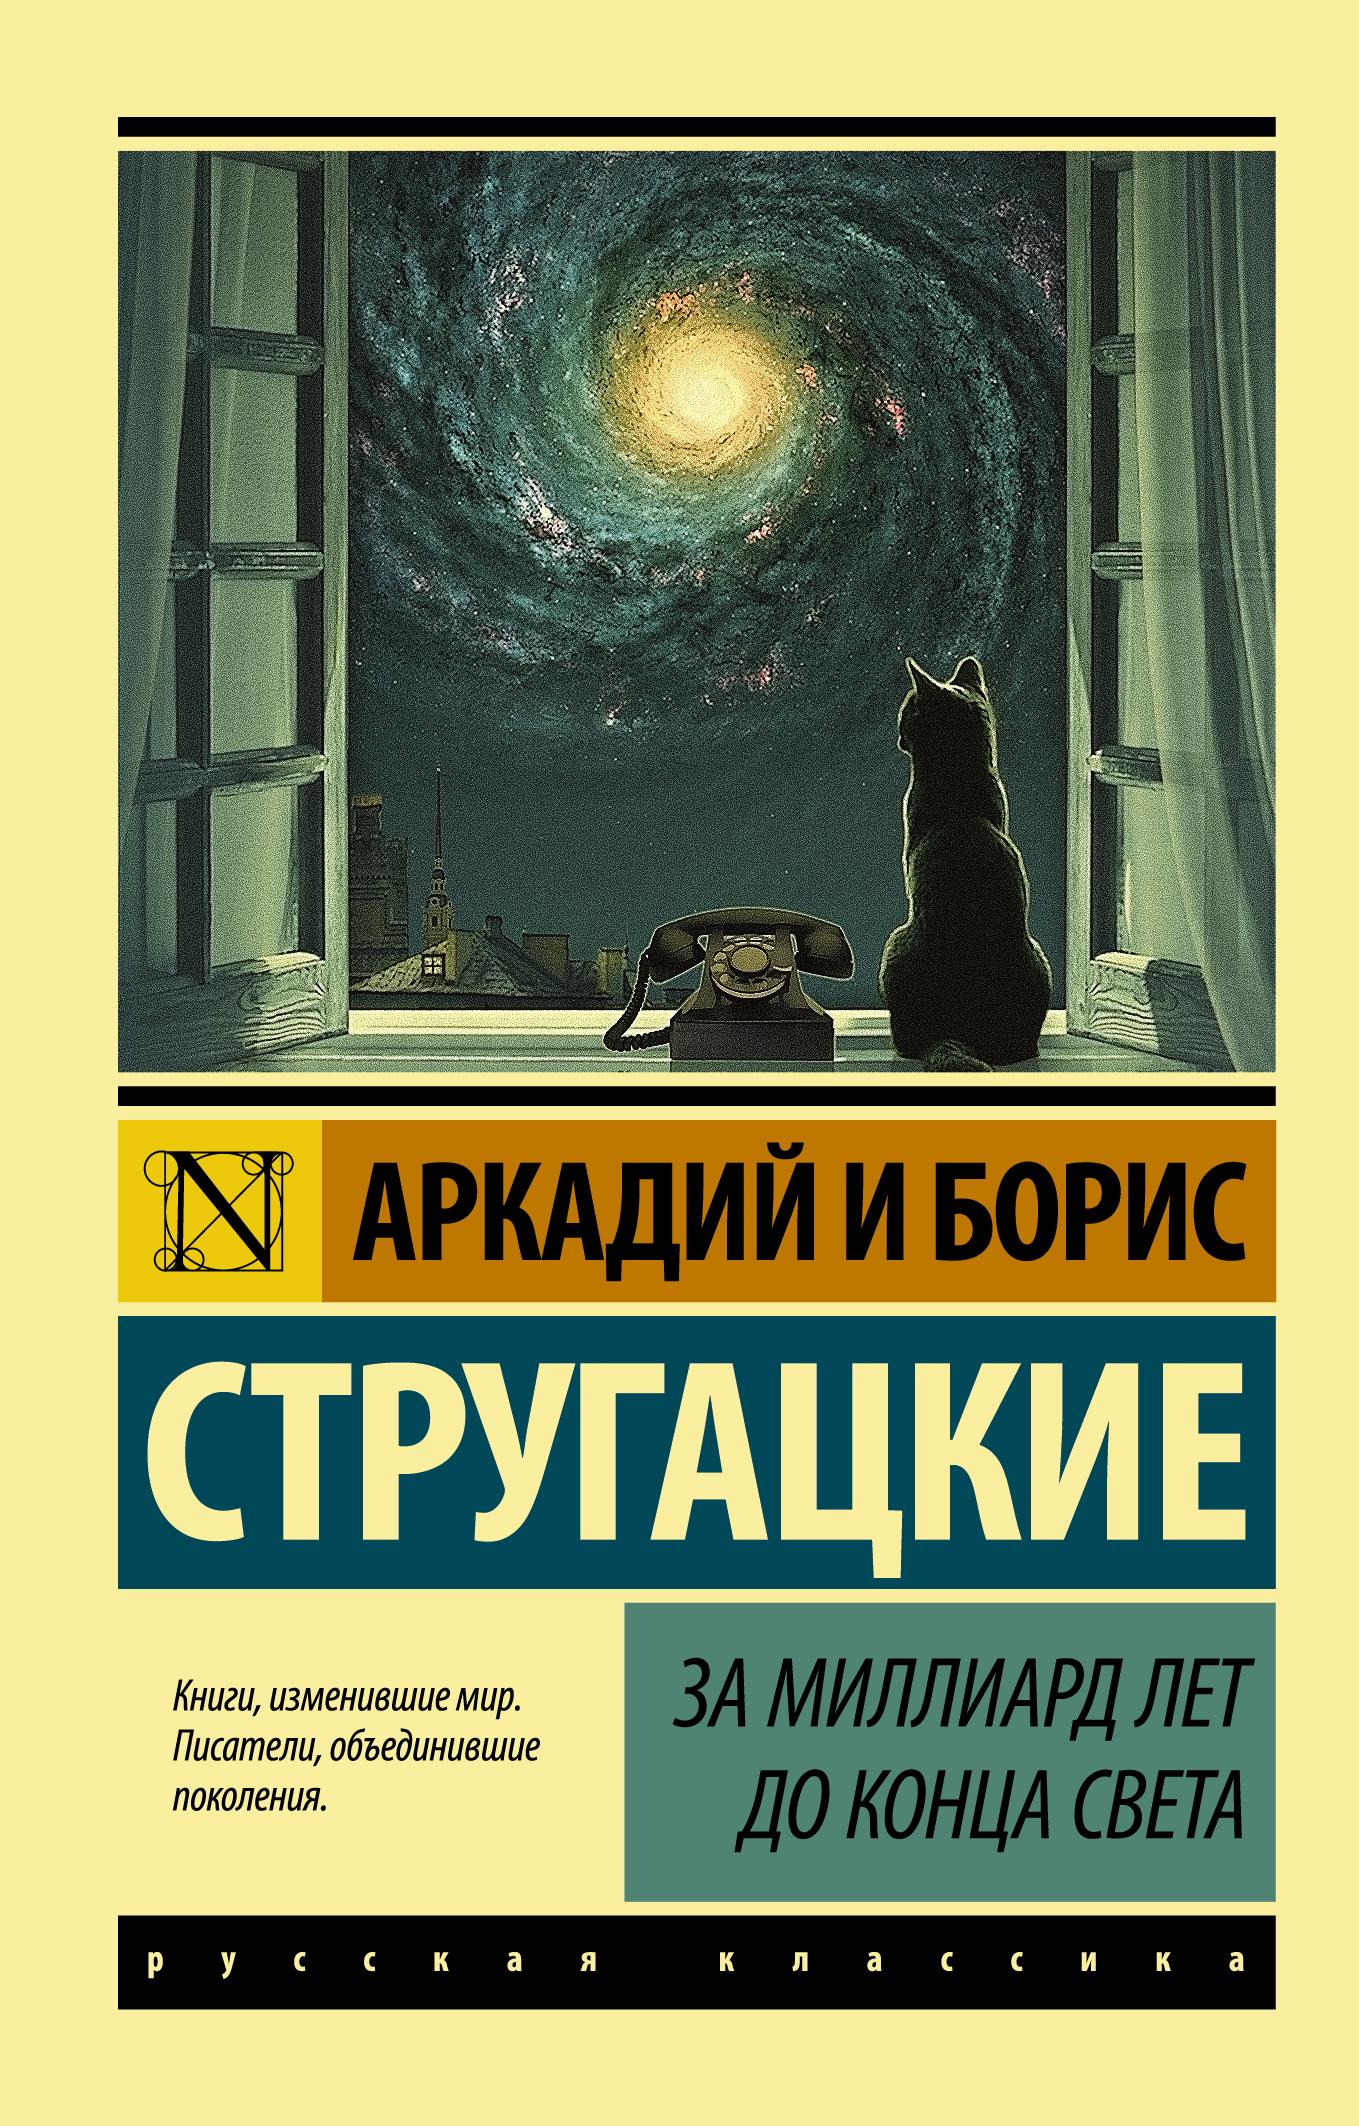 Аркадий Стругацкий, Борис Стругацкий За миллиард лет до конца света